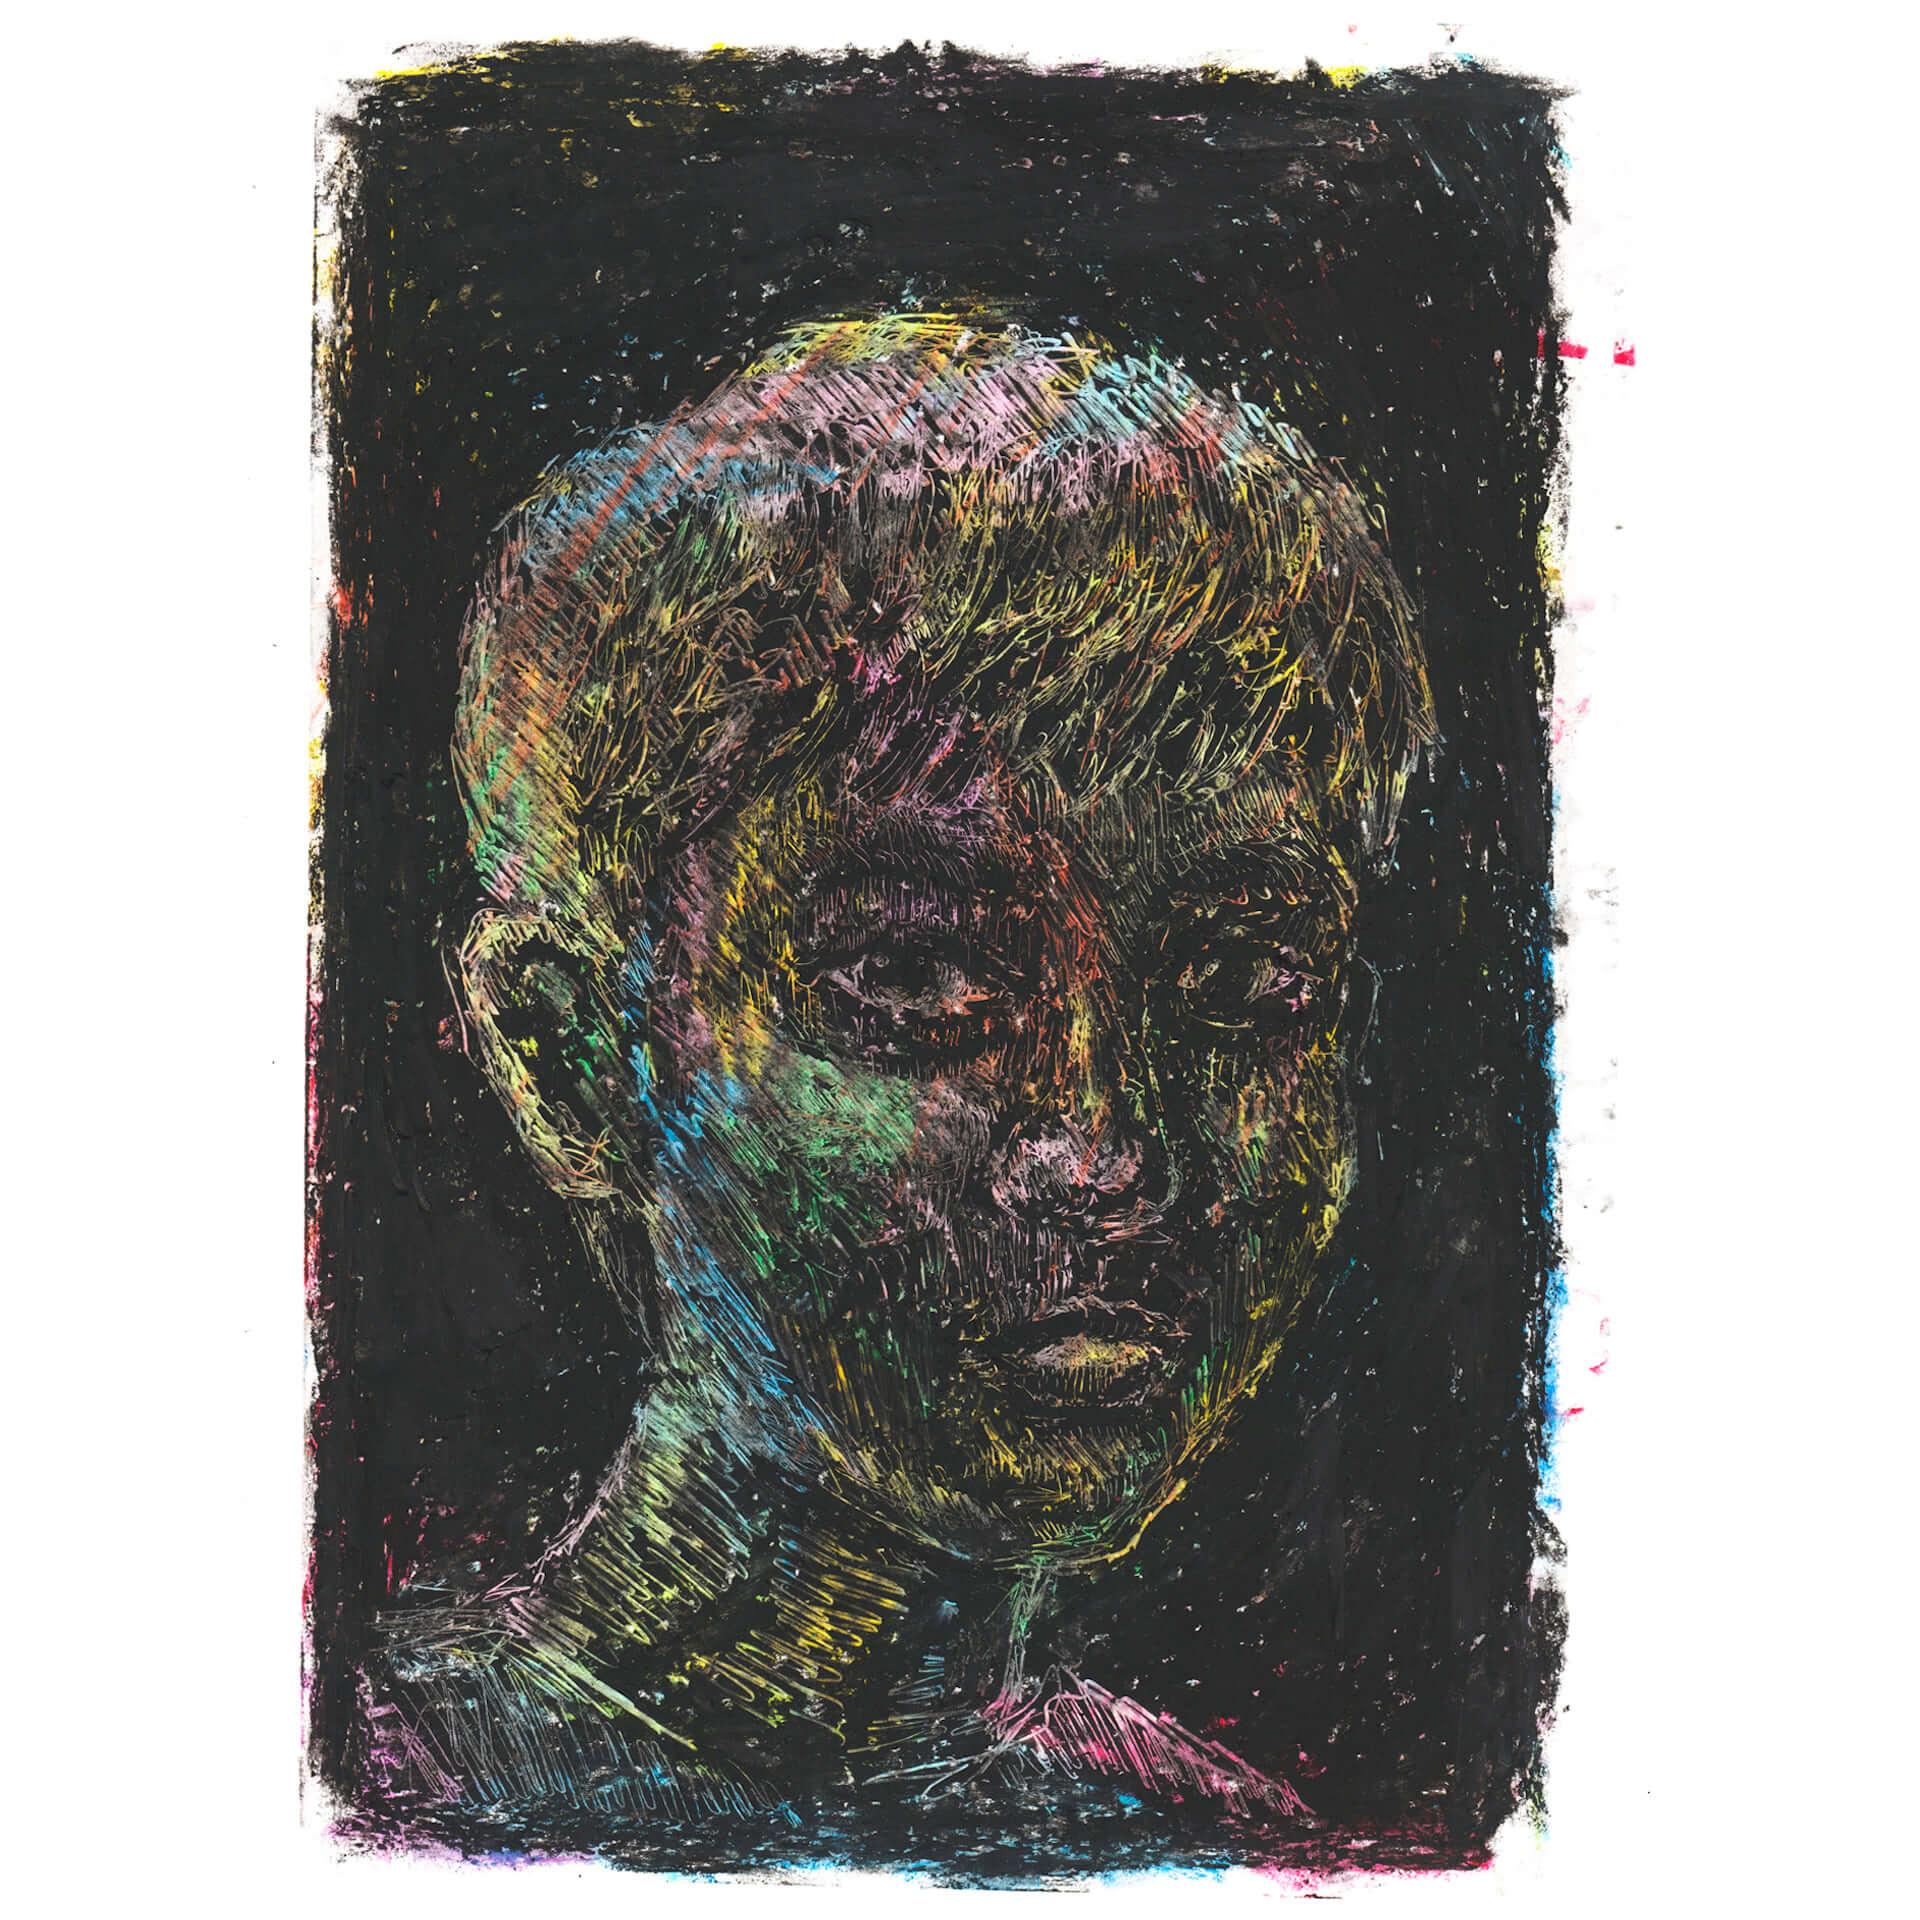 折坂悠太、7年間のライブ音源をまとめた『暁のわたし REC2013-2019』を発売決定|カバー曲から未発表曲まで収録 music200609_orisakayuta_main-1920x1920